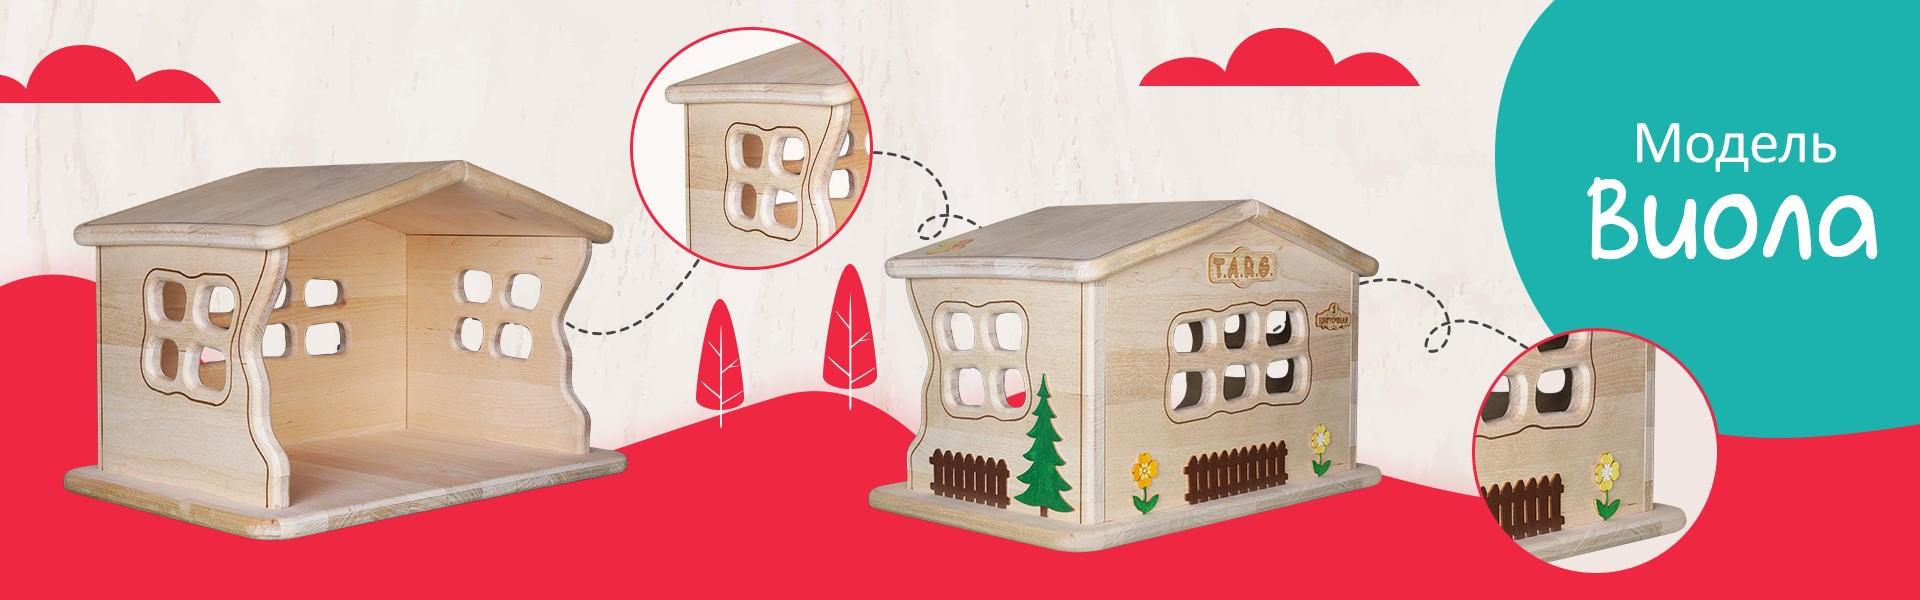 Кукольный домик ВИОЛА - фото 5169